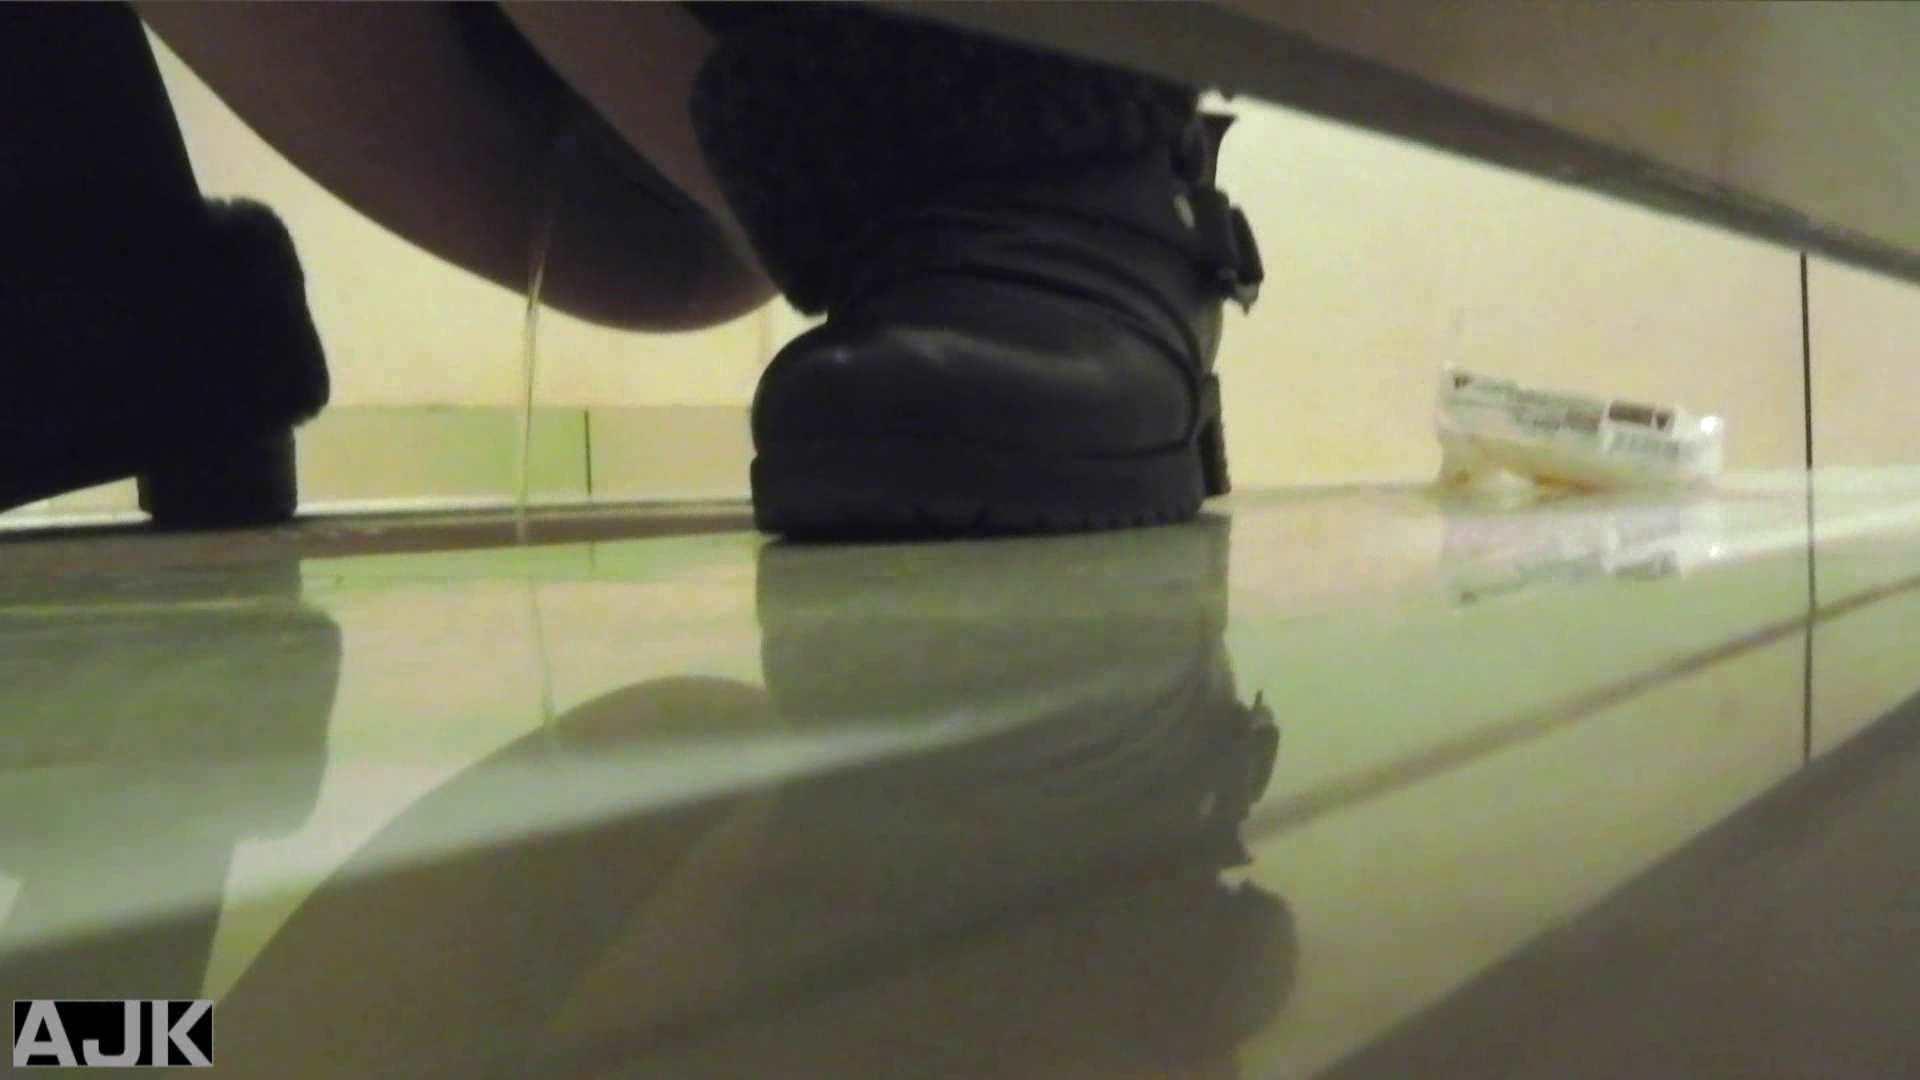 隣国上階級エリアの令嬢たちが集うデパートお手洗い Vol.14 便器 ワレメ無修正動画無料 51画像 9